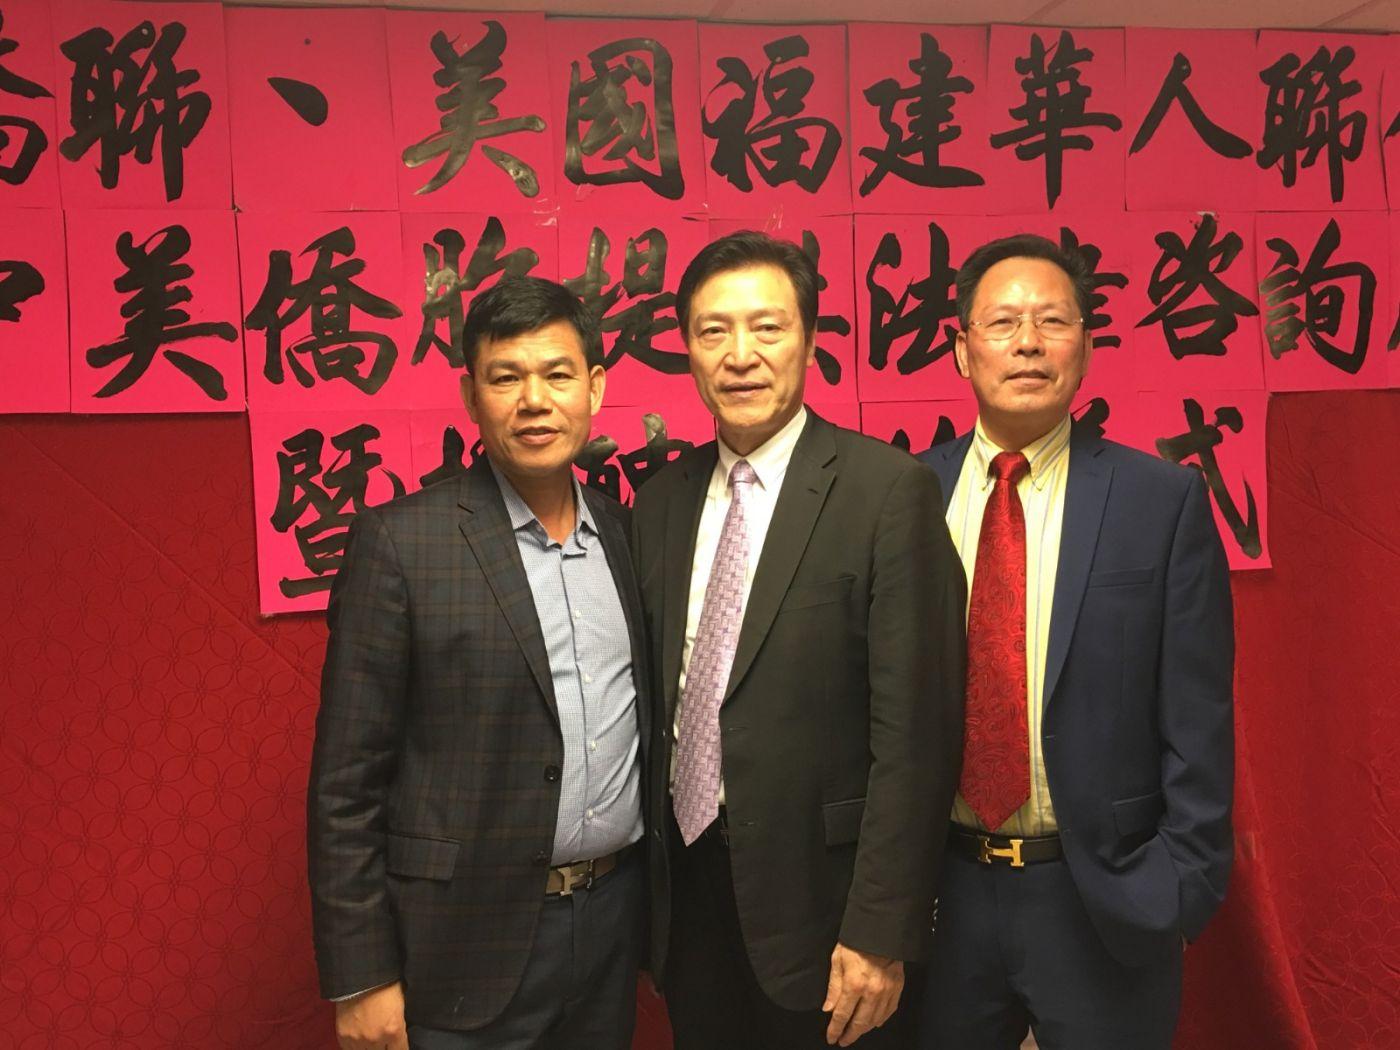 美国福建华人联合会欢迎福州市侨联主席蓝桂兰访美代表团一行 ... ..._图1-21